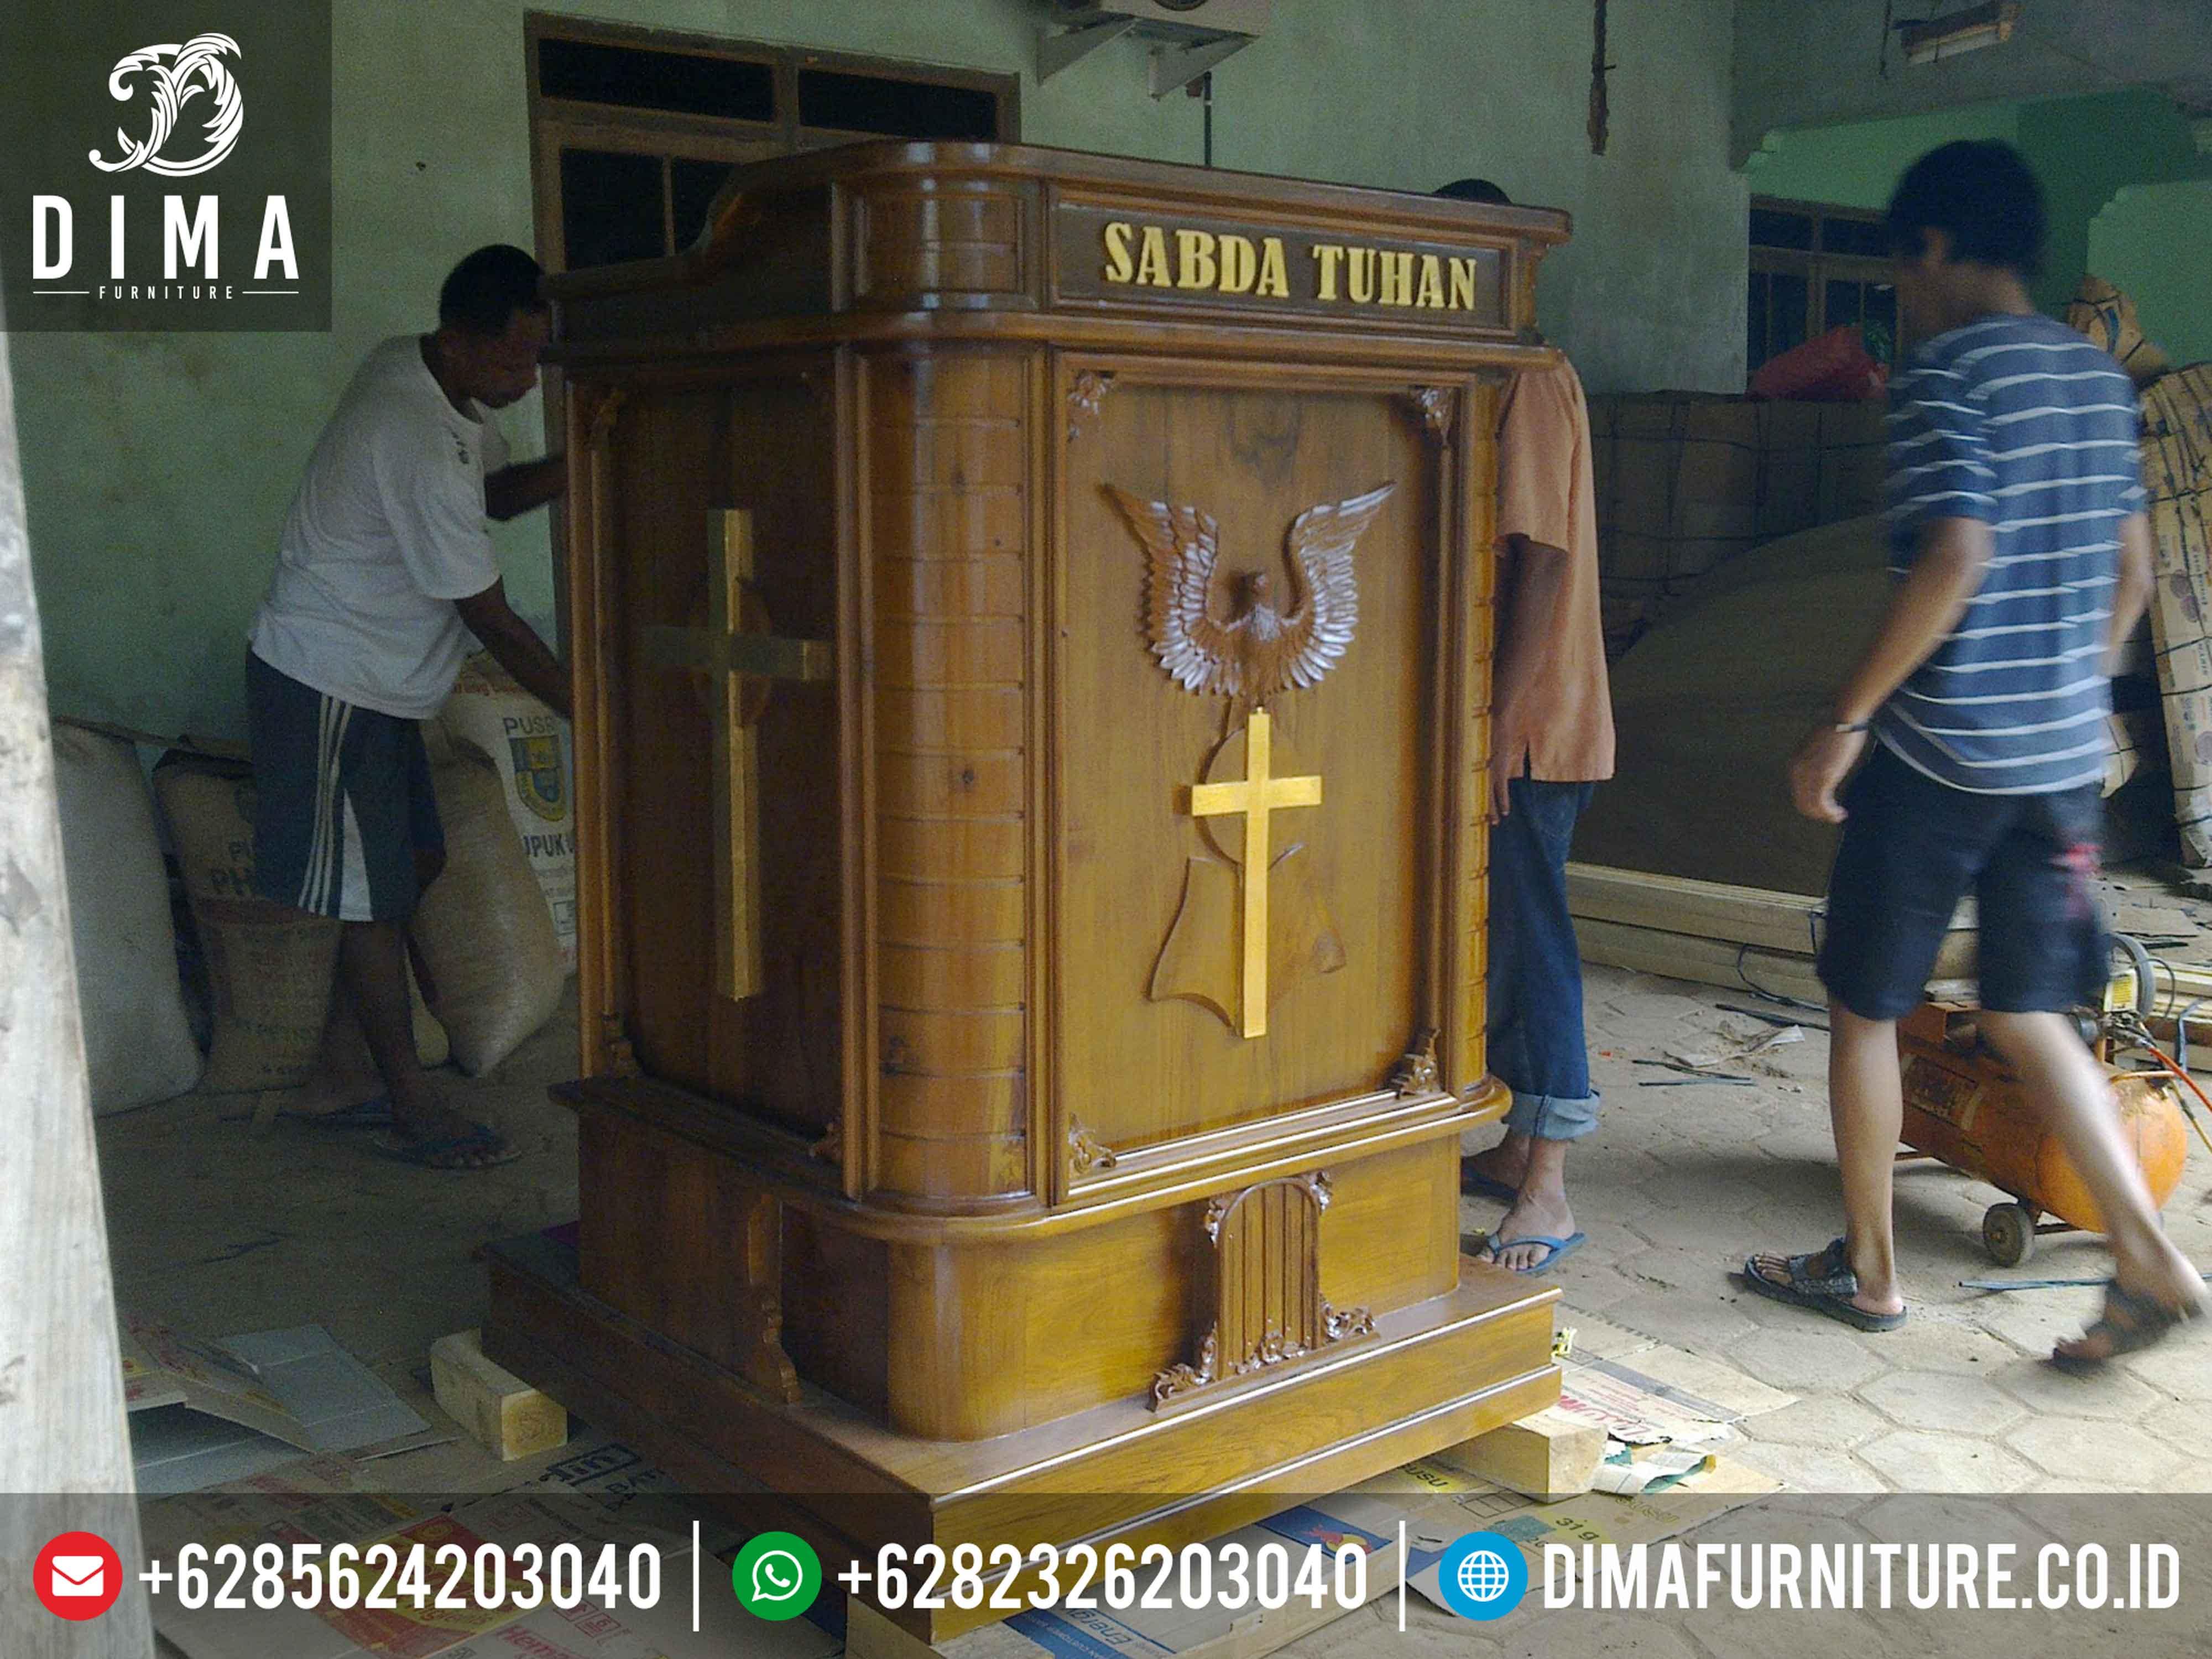 Mimbar Gereja Minimalis Terbaru, Mimbar Gereja Jati Jepara, Podium Mimbar Gereja Jati ST-0330 Gambar 2